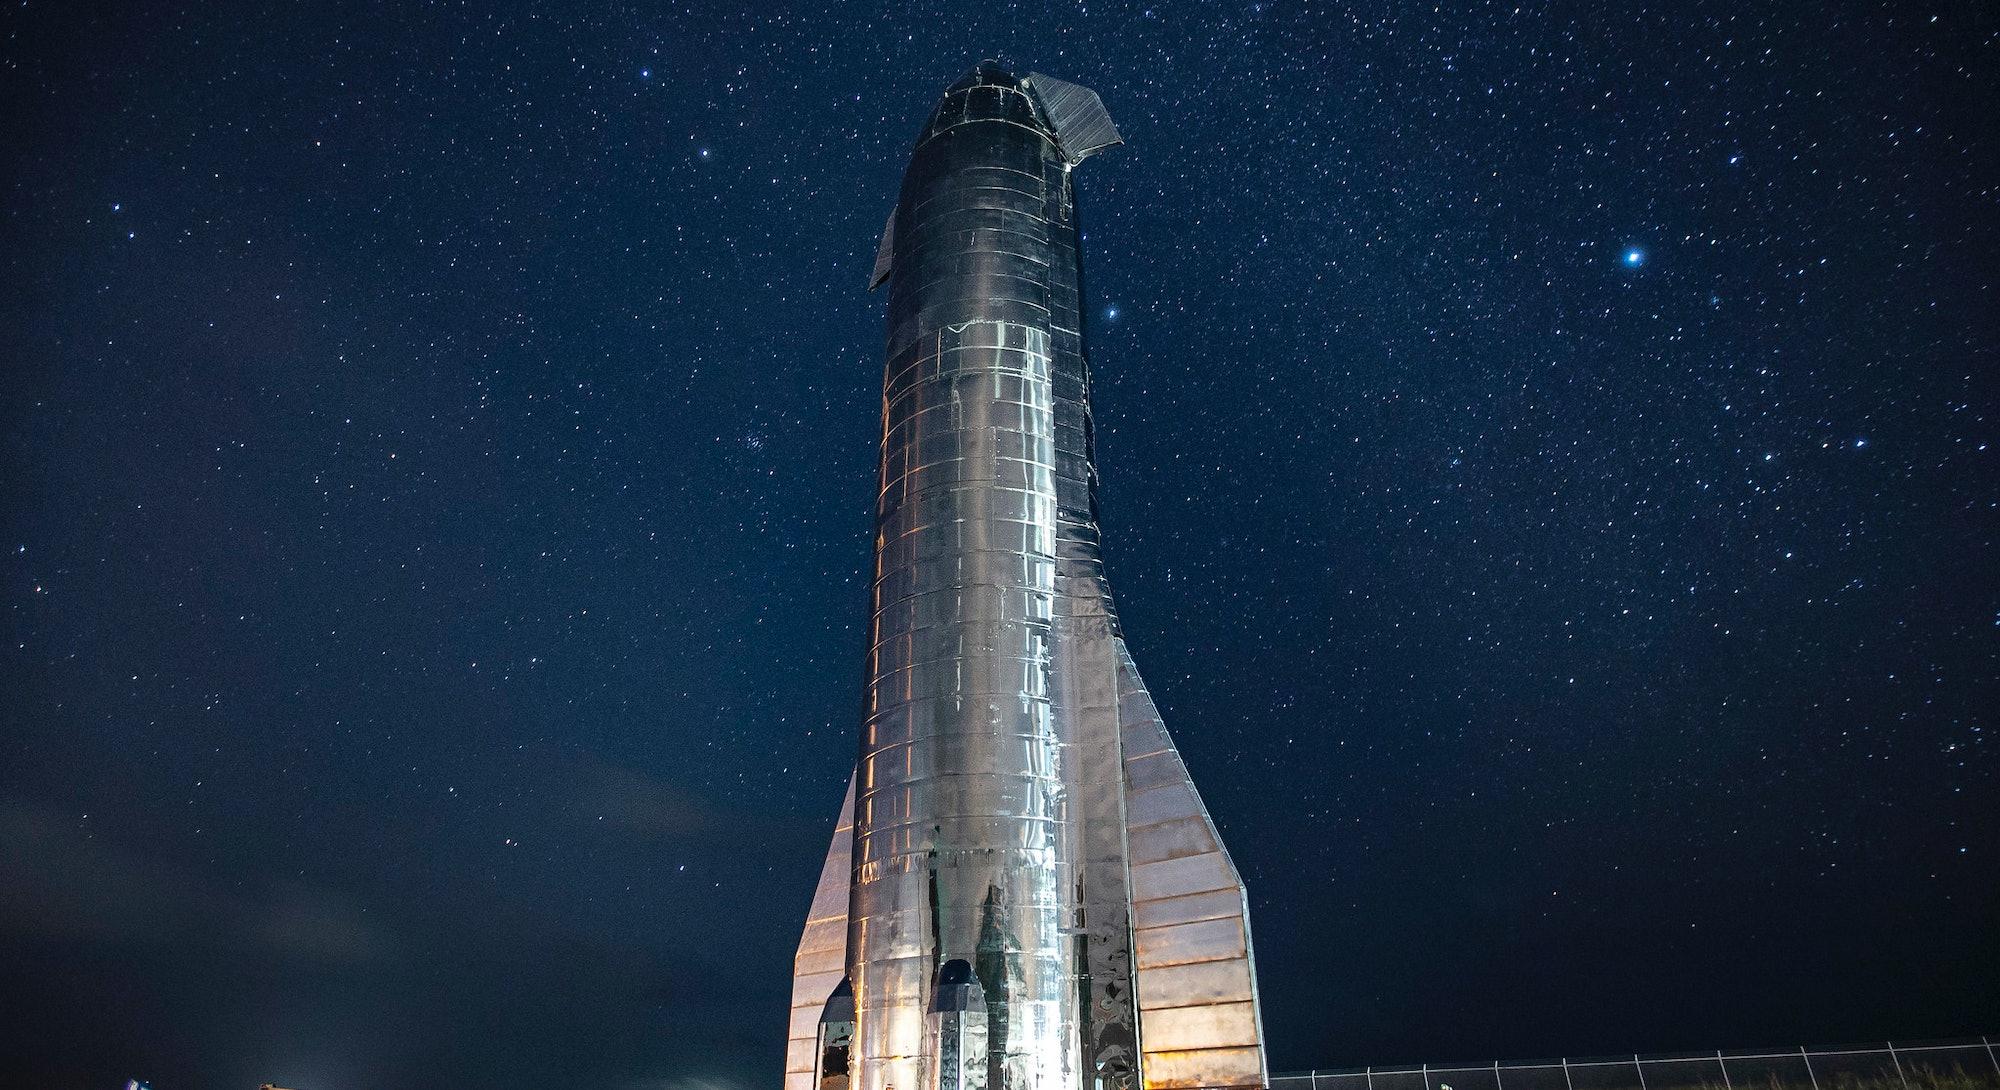 spacex elon musk starship